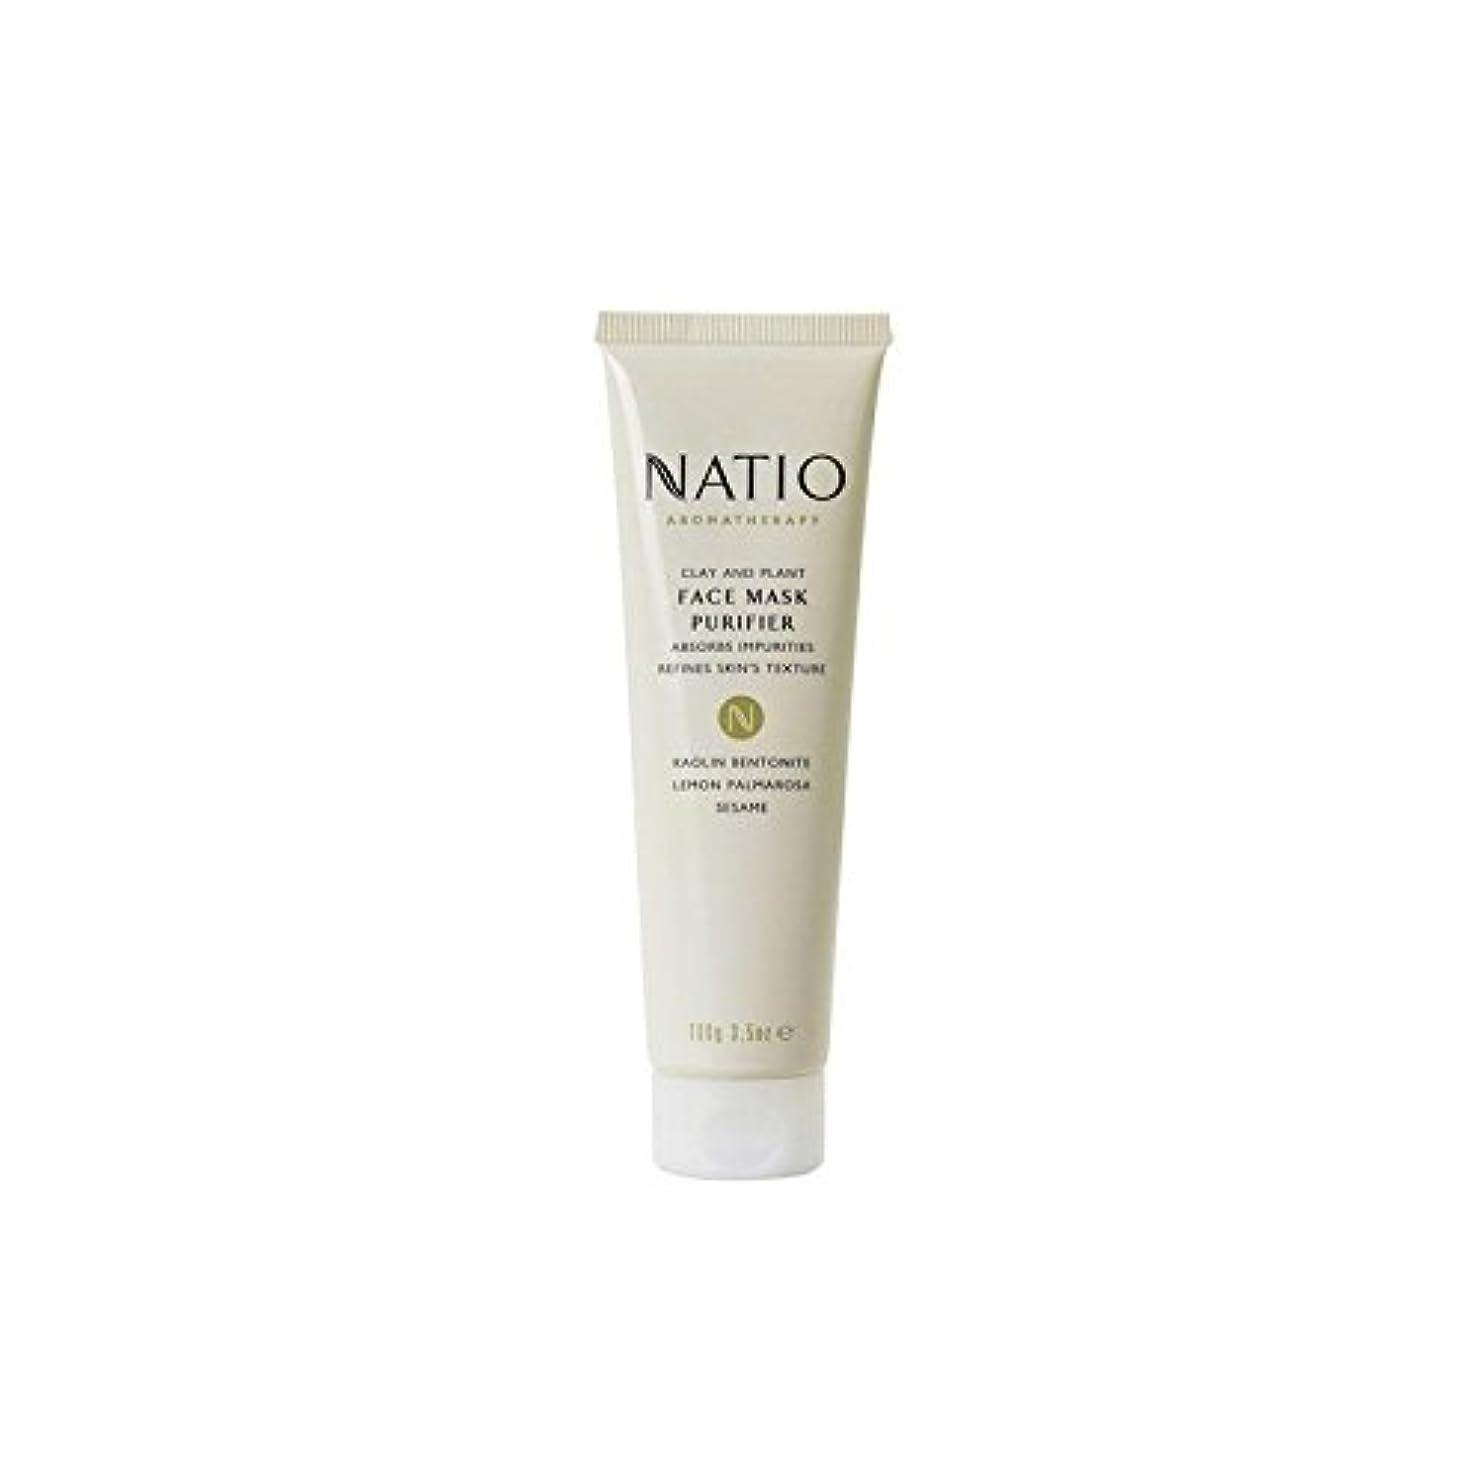 分析失態断線粘土&植物フェイスマスクの浄化(100グラム) x4 - Natio Clay & Plant Face Mask Purifier (100G) (Pack of 4) [並行輸入品]